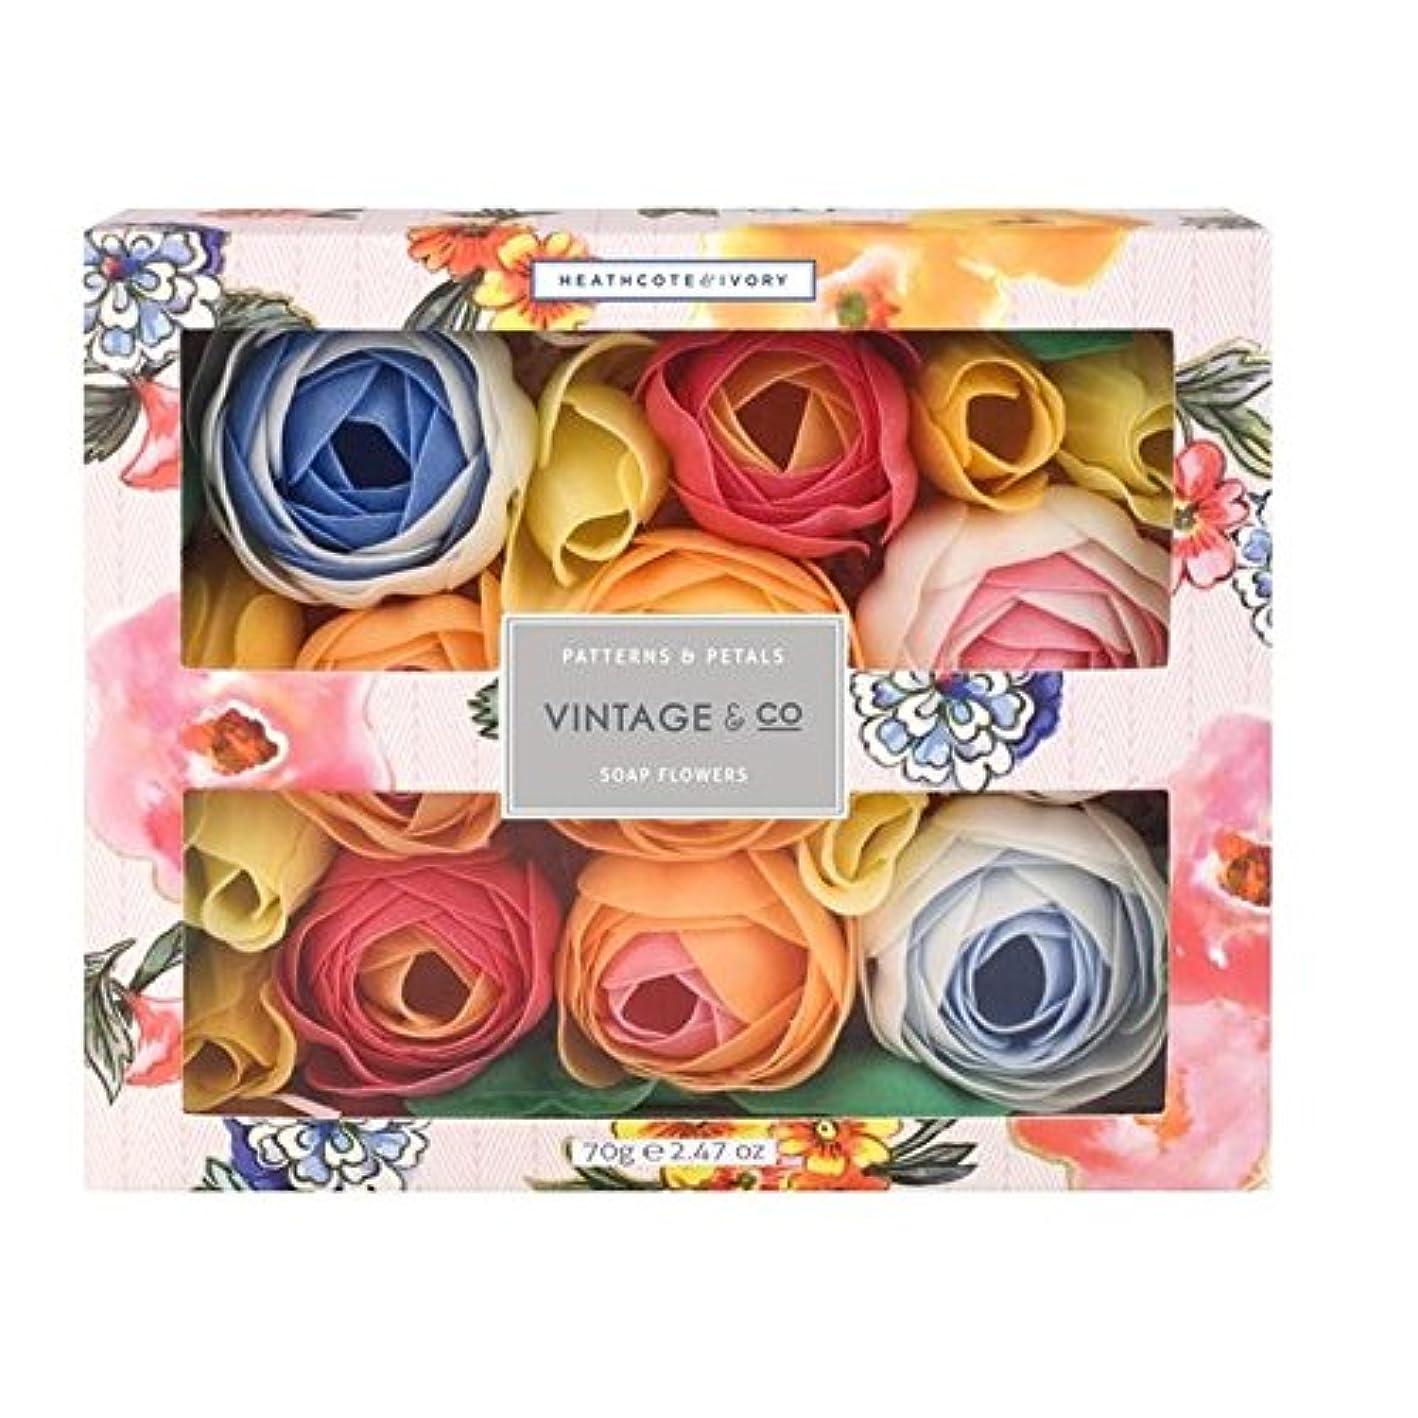 謝罪する壊れた消去Heathcote & Ivory Patterns & Petals Soap Flowers 70g - ヒースコート&アイボリーパターン&花びら石鹸の花70グラム [並行輸入品]